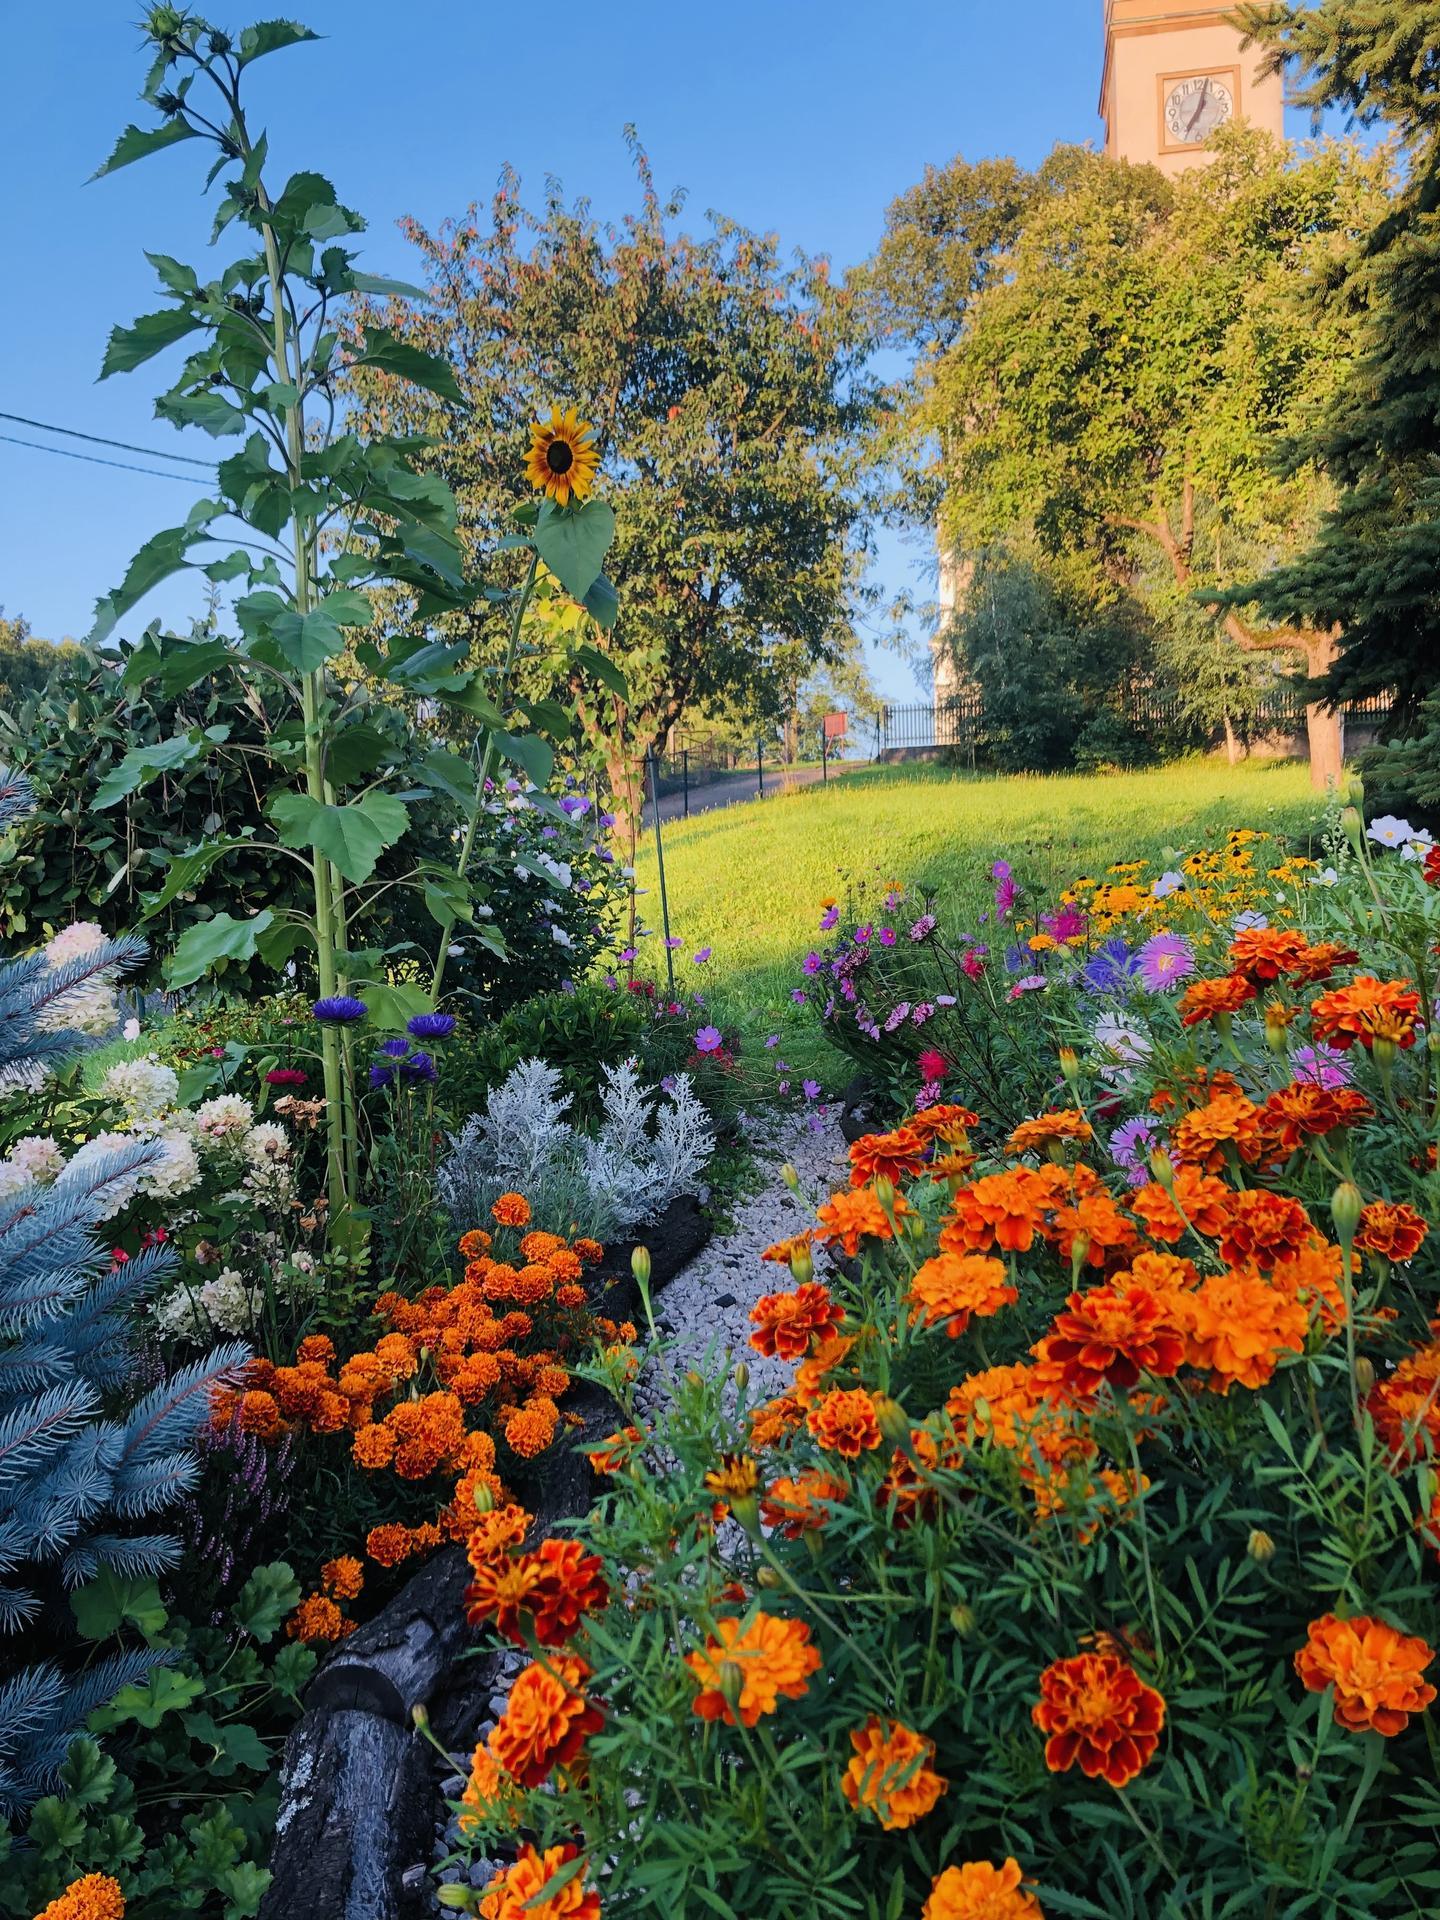 U nás doma a na zahradě 2021 - Obrázek č. 90